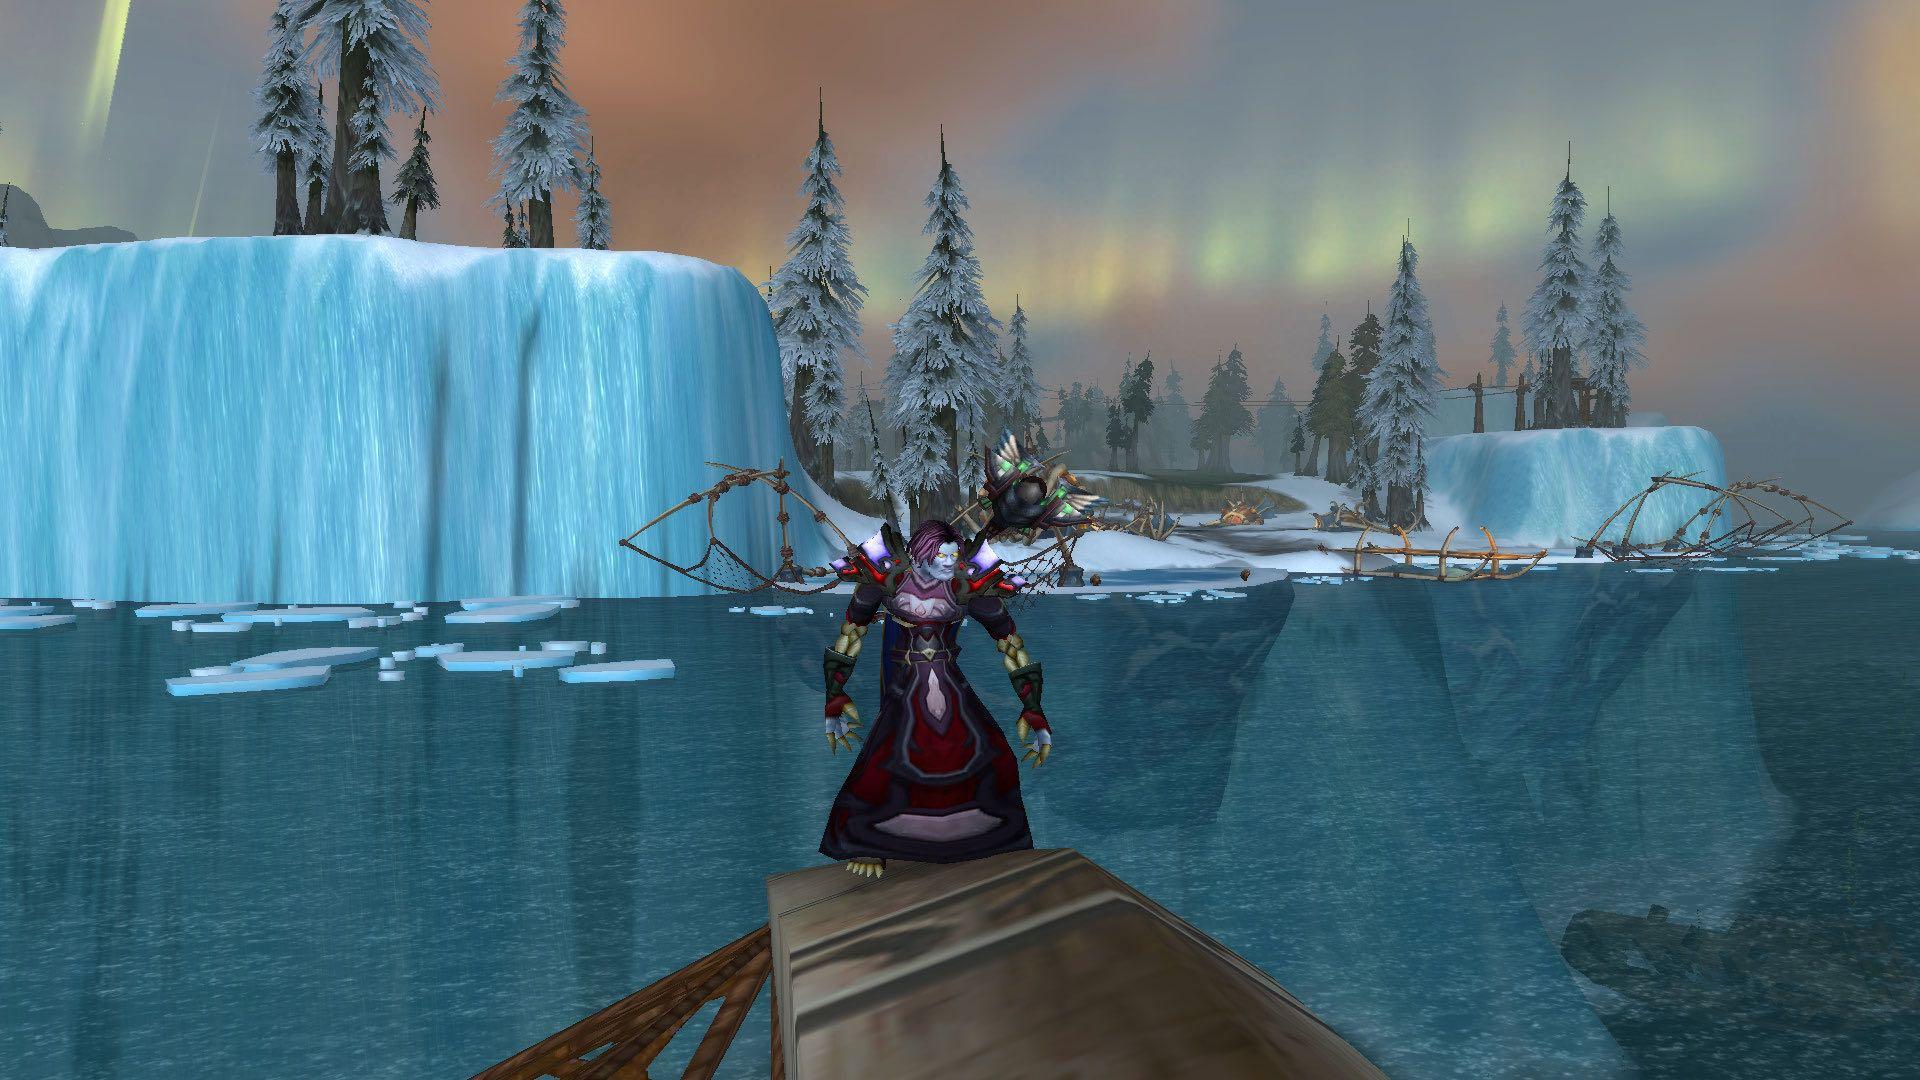 坐船穿越冰冻之海